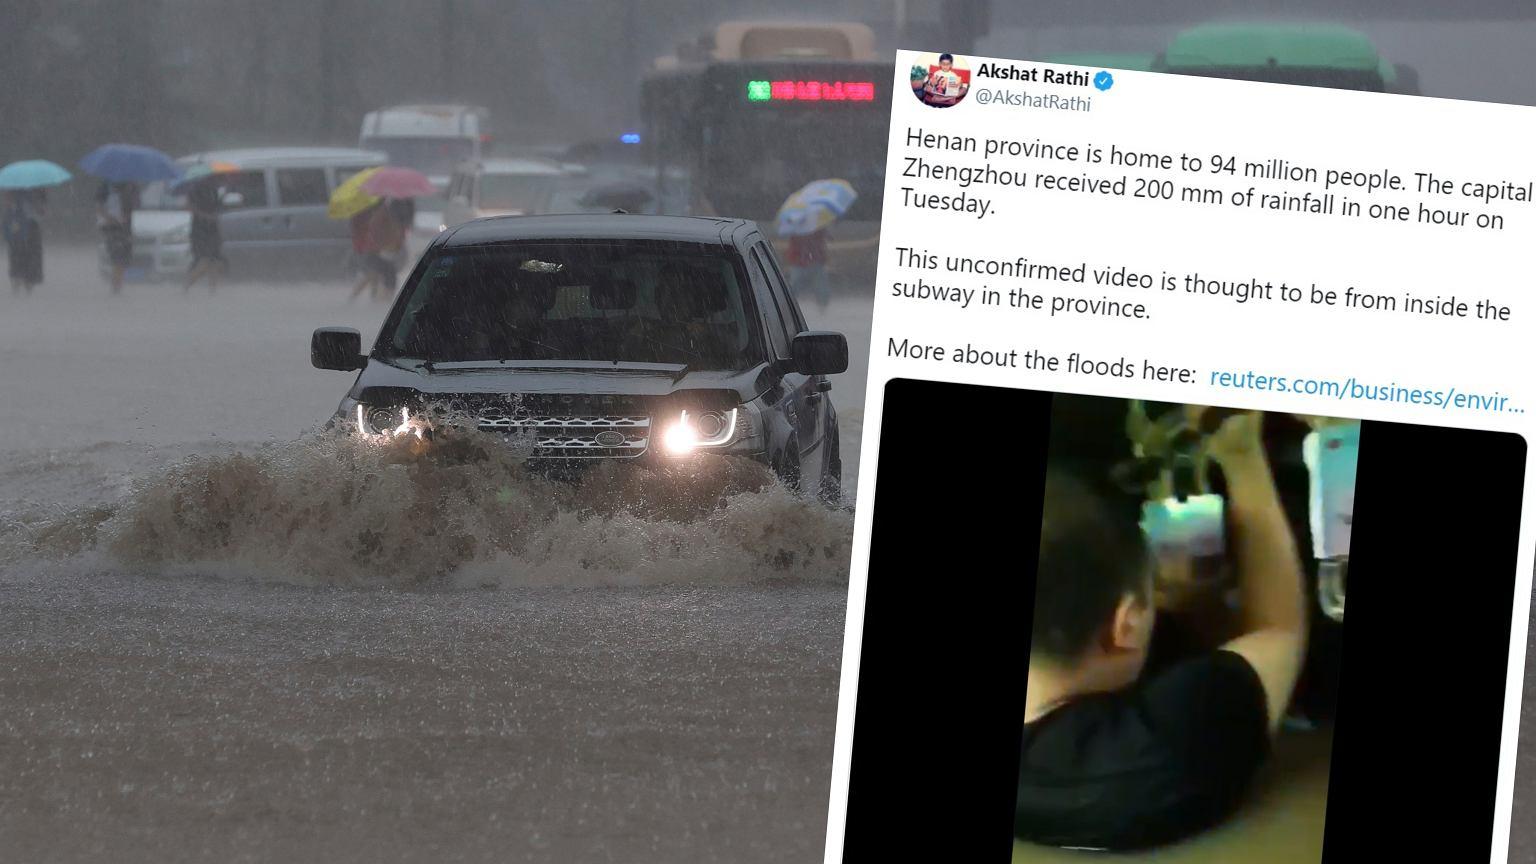 China.  Inundații masive, pasagerii s-au blocat într-un metrou inundat, apa era adâncă [ZDJÊCIA] |  știri mondiale